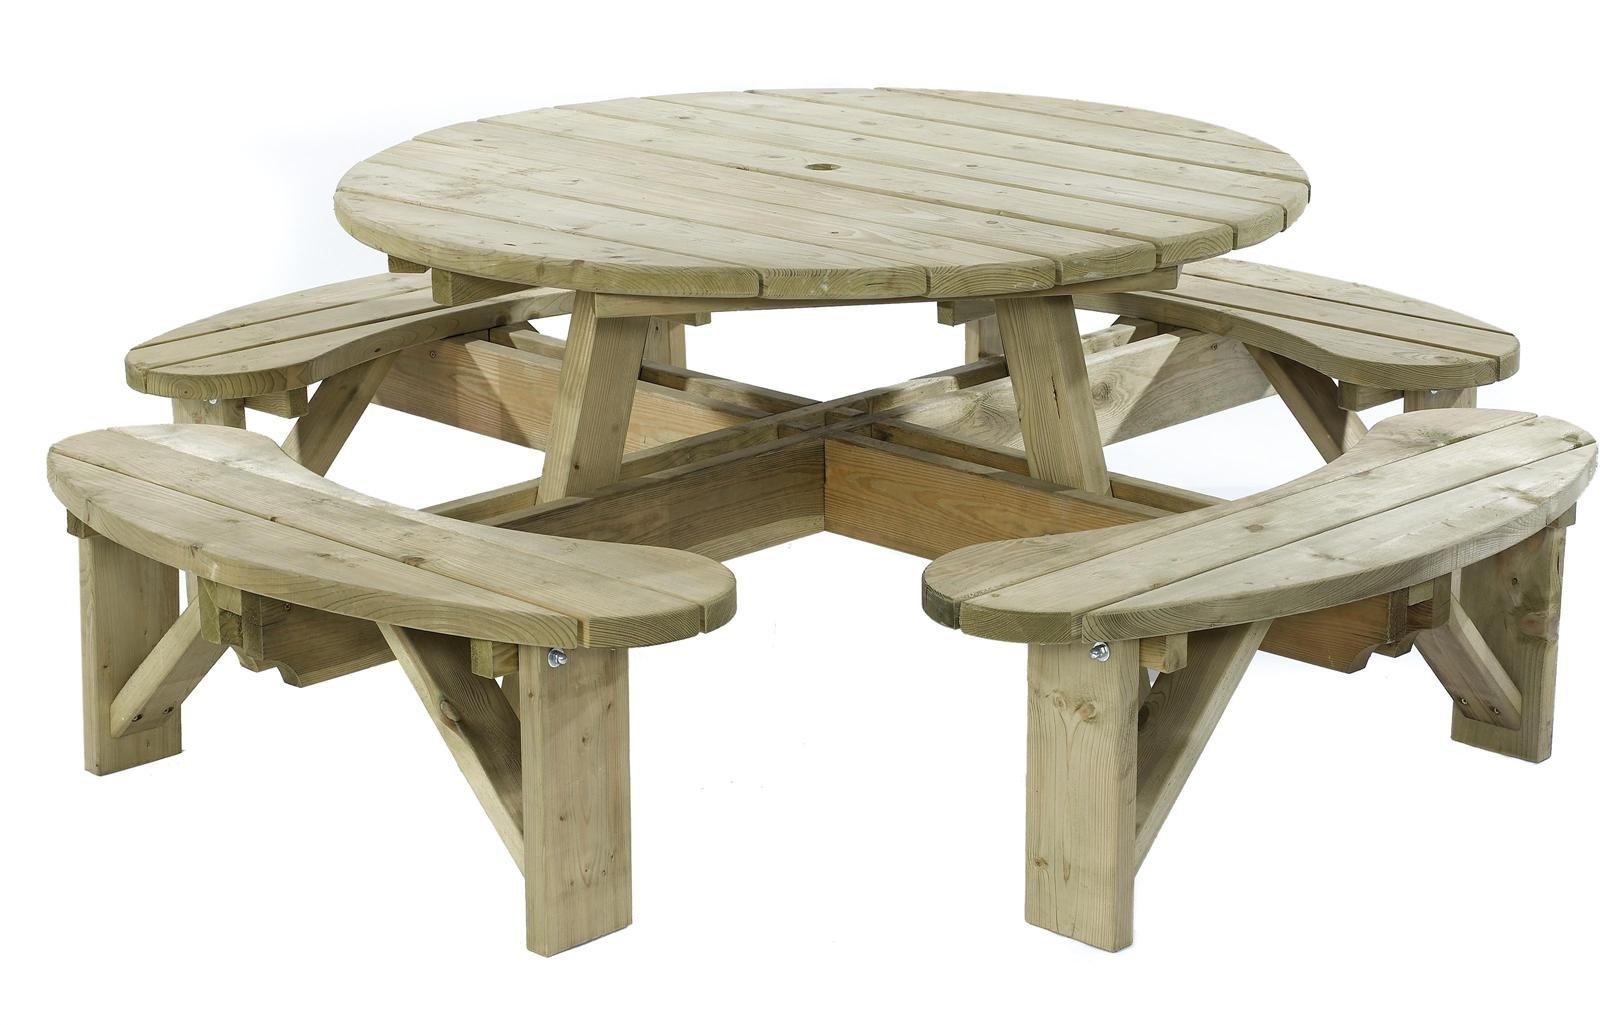 Standard Round Table.Kdm Standard Round Table With Bench Seats Erbs